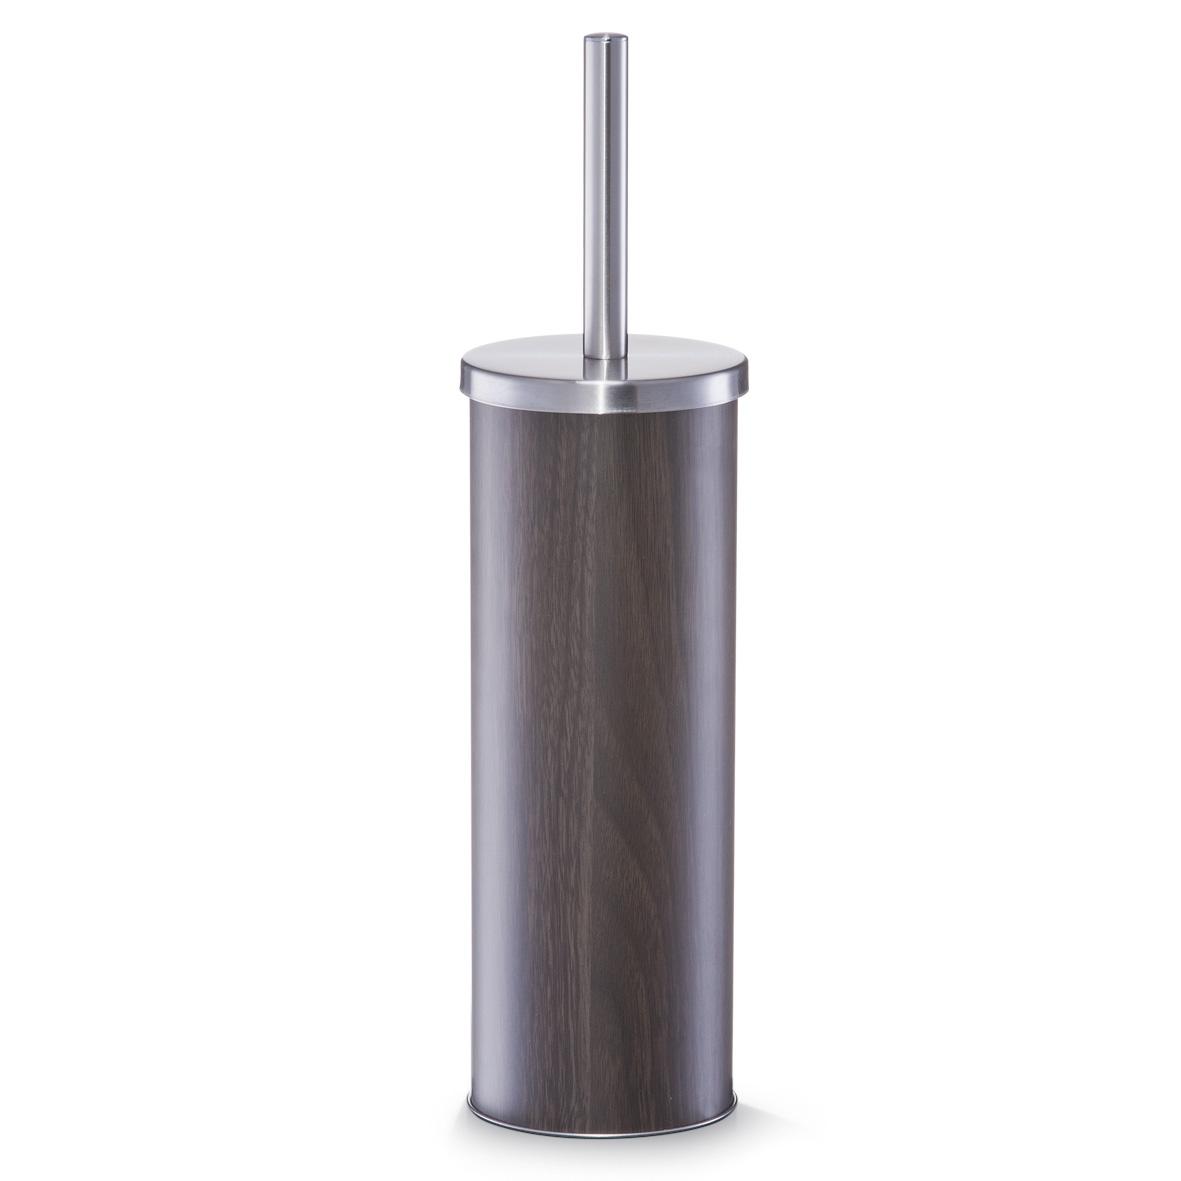 Perie de toaleta cu suport din metal, Walnut Optic, Ø 9,5xH38 cm imagine